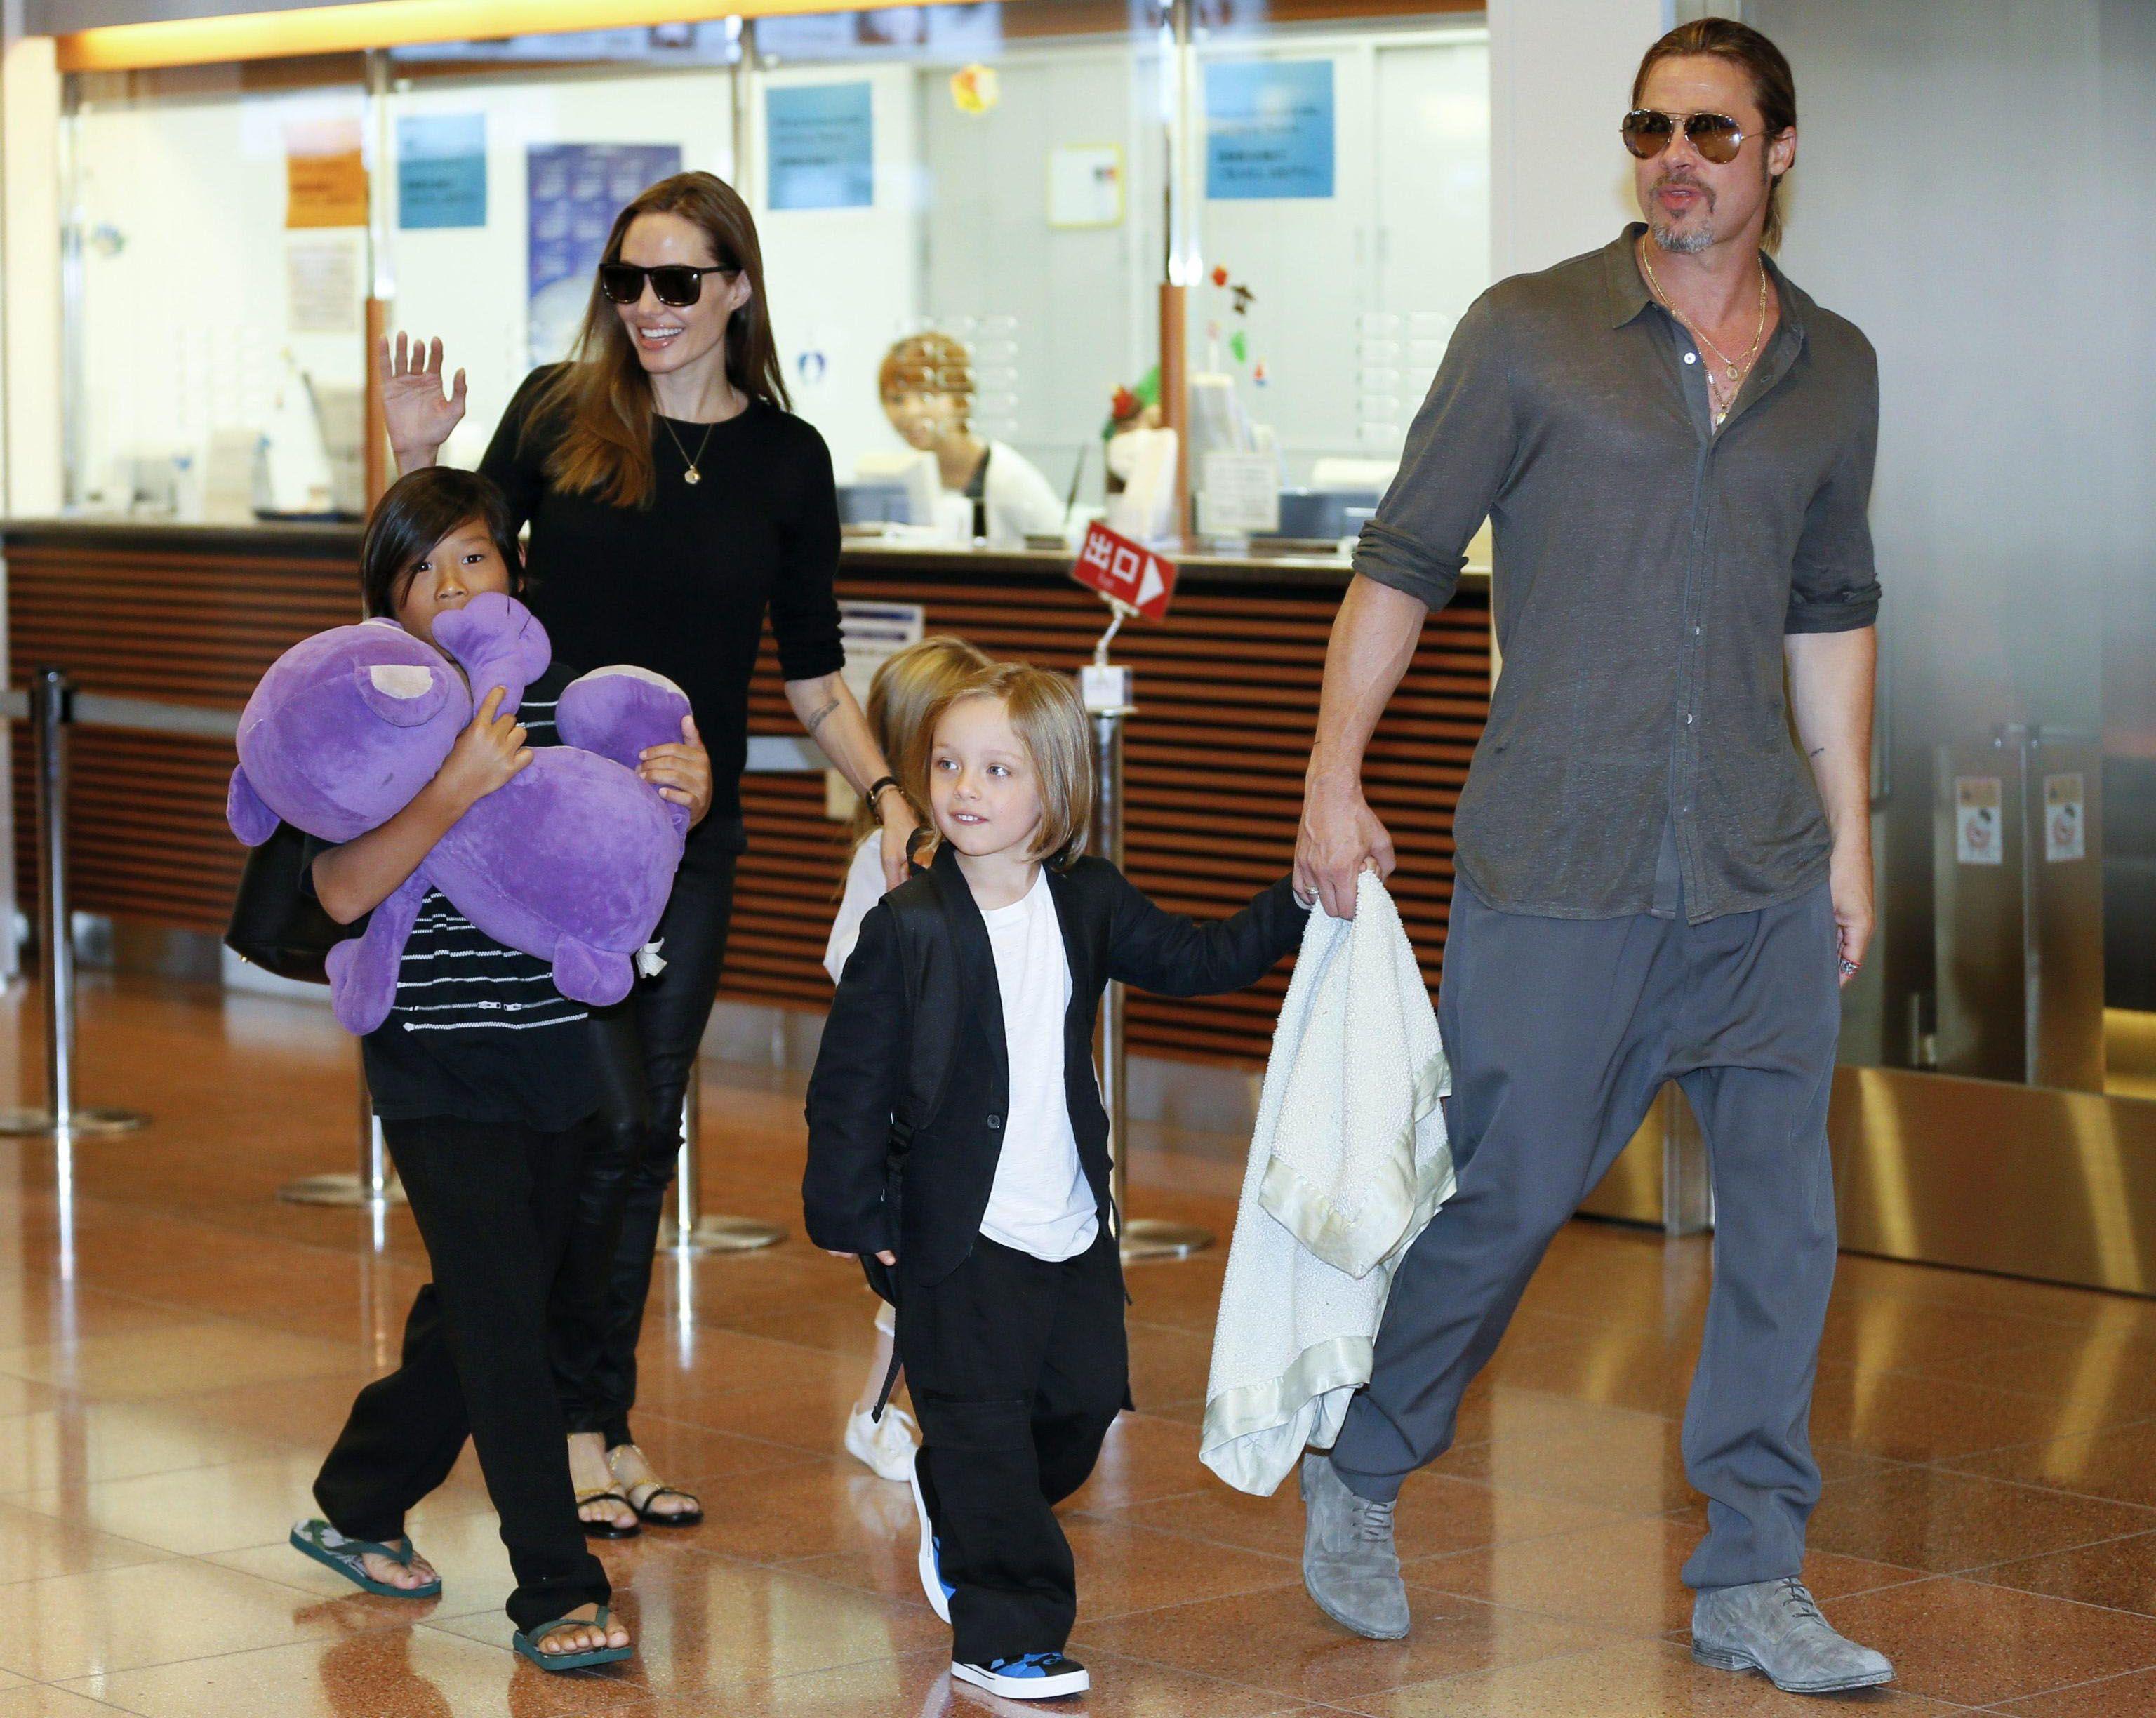 Shiloh Jolie-Pitt, la figlia 'mascolina' di Brad e Angelina non sta cambiando sesso